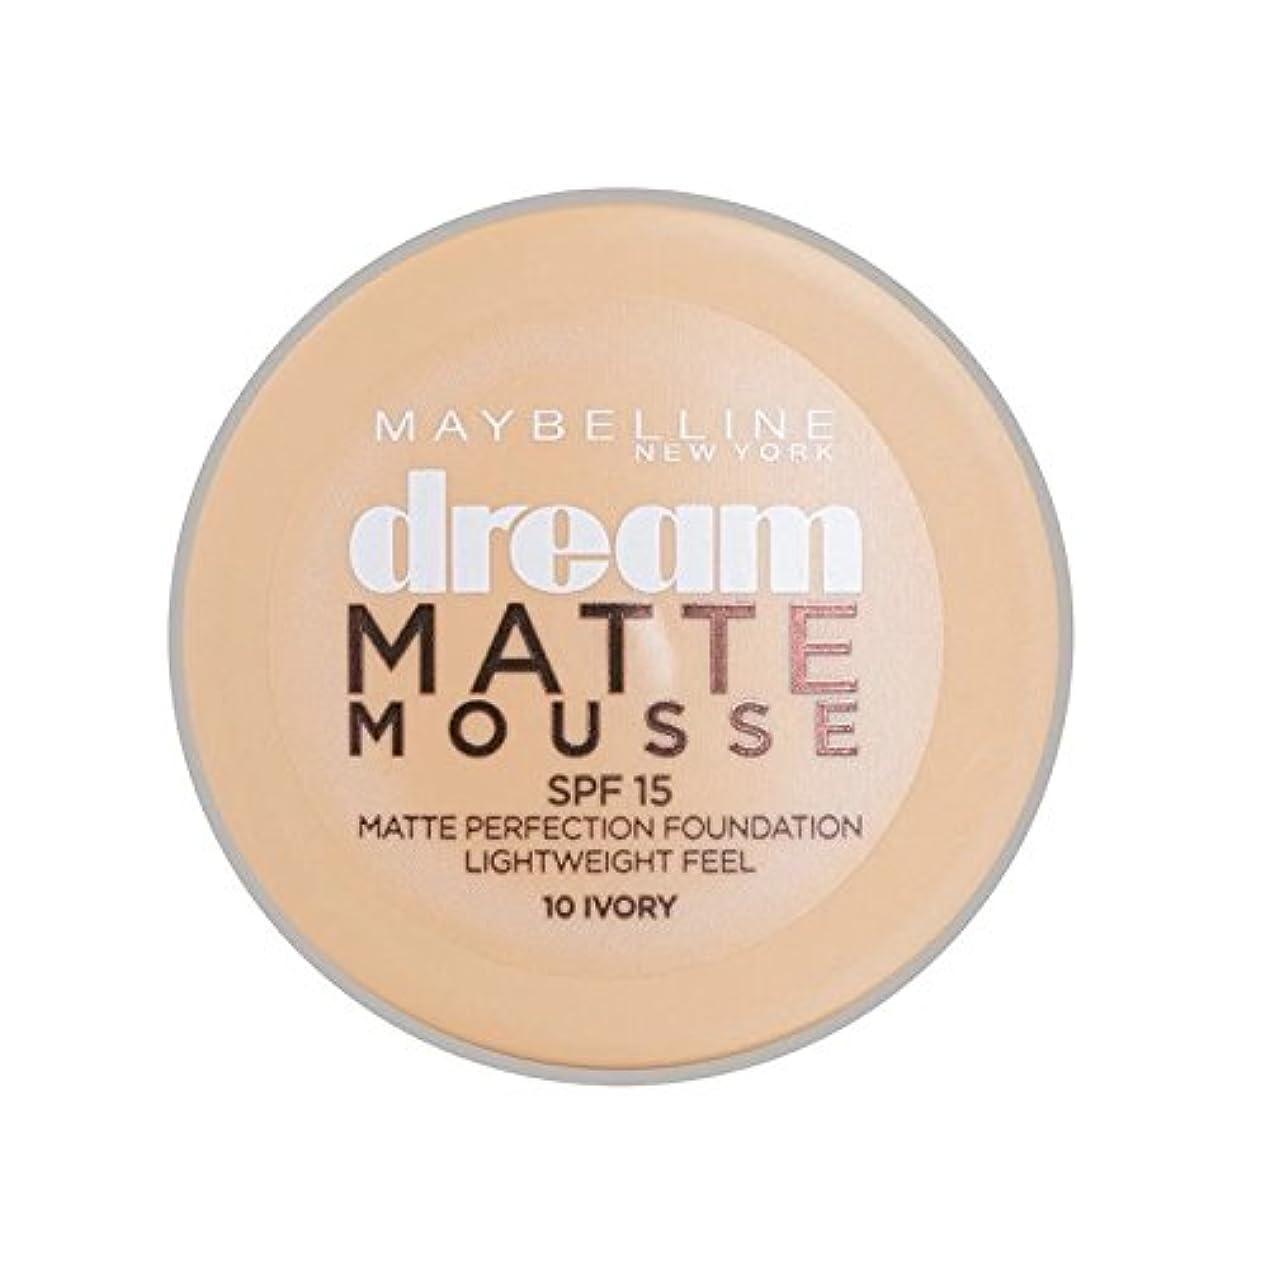 税金リブ肌寒いメイベリン夢マットムース土台10アイボリー10ミリリットル x2 - Maybelline Dream Matte Mousse Foundation 10 Ivory 10ml (Pack of 2) [並行輸入品]